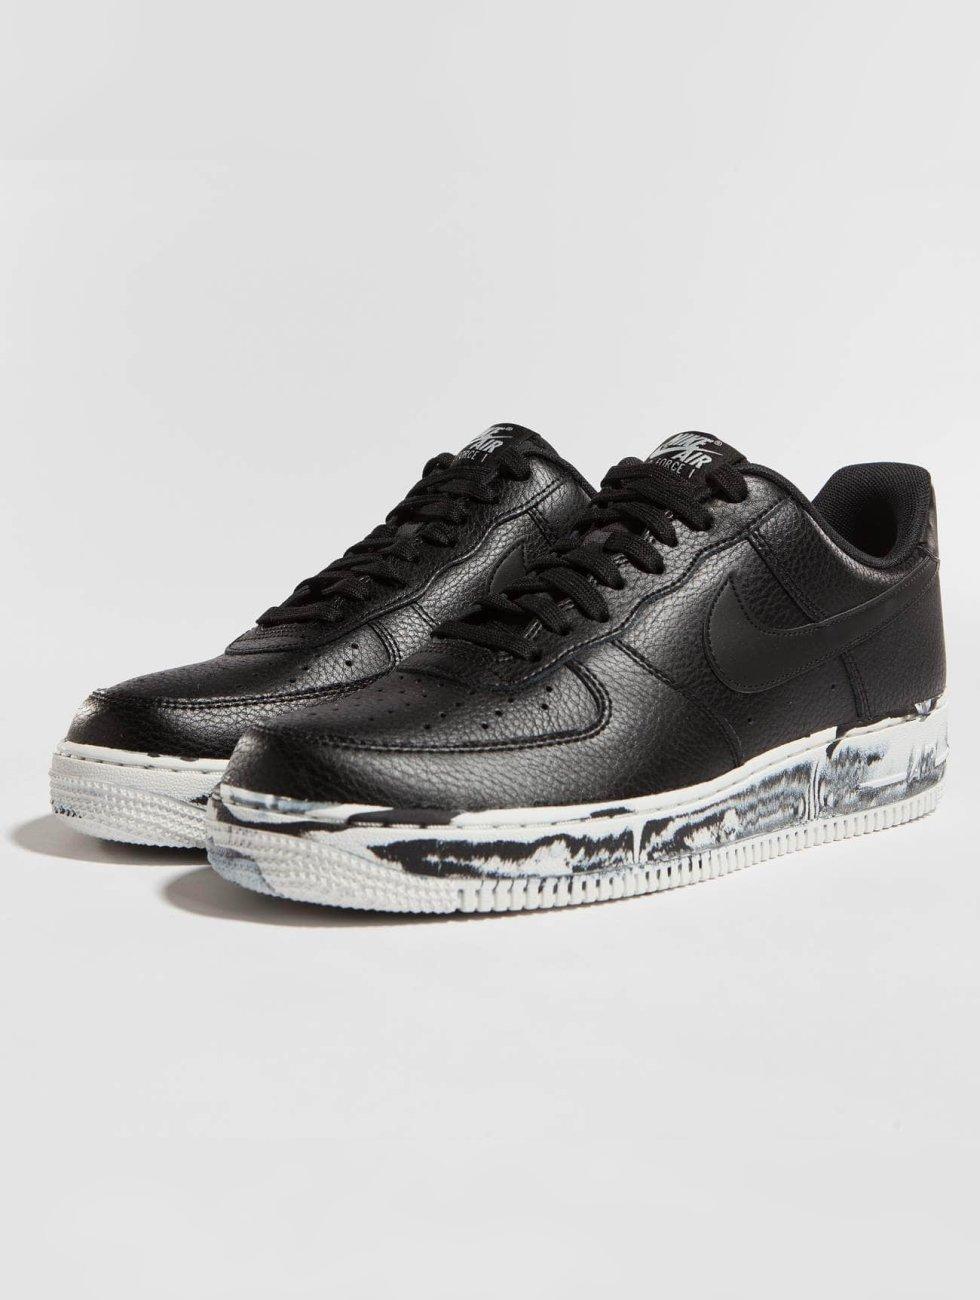 Sneaker Qpzutwx Force In 444538 `07 Nike Lv8 Schoen Zwart Air 1 wOPXuZiTk